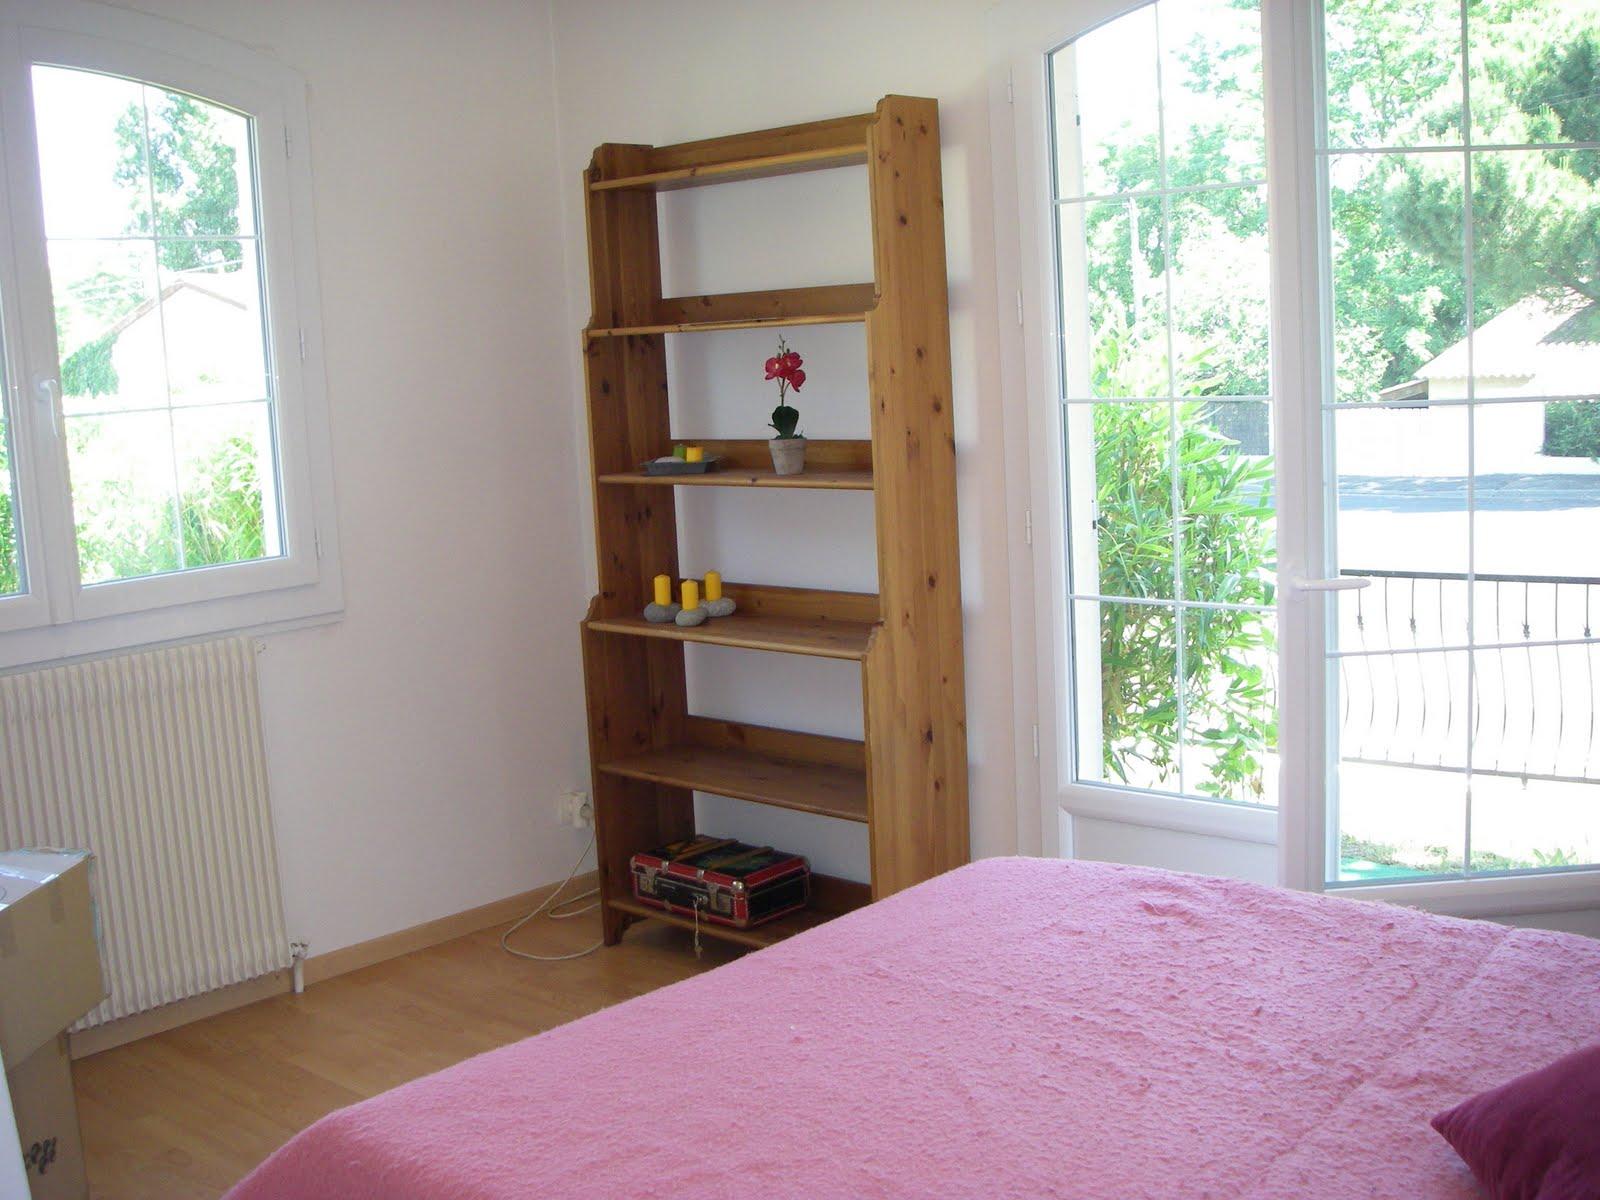 Villa de charme150 m2 à Blagnac: Salle de bain 8m2 au ...